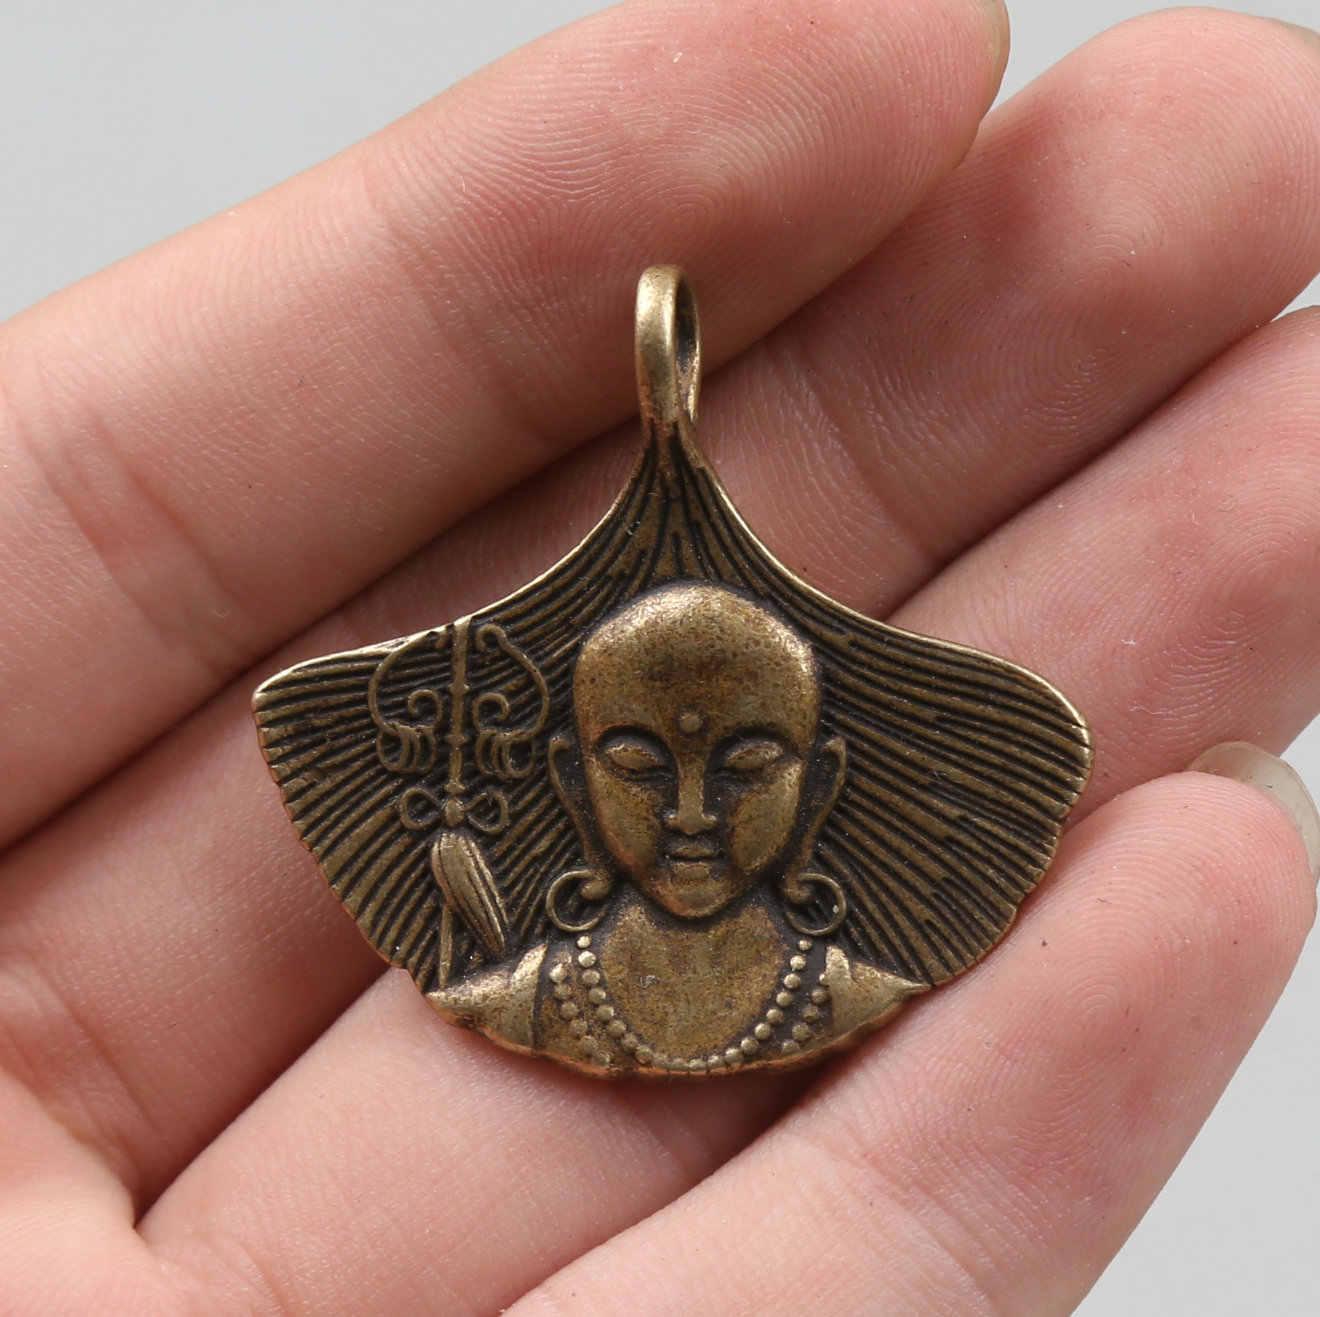 """35 Mm/1.4 """"Koleksi Barang Antik Langka Kecil Perunggu Indah Buddhisme Tibet King Bodhisattva Amulet Liontin Patung Statuary10g"""